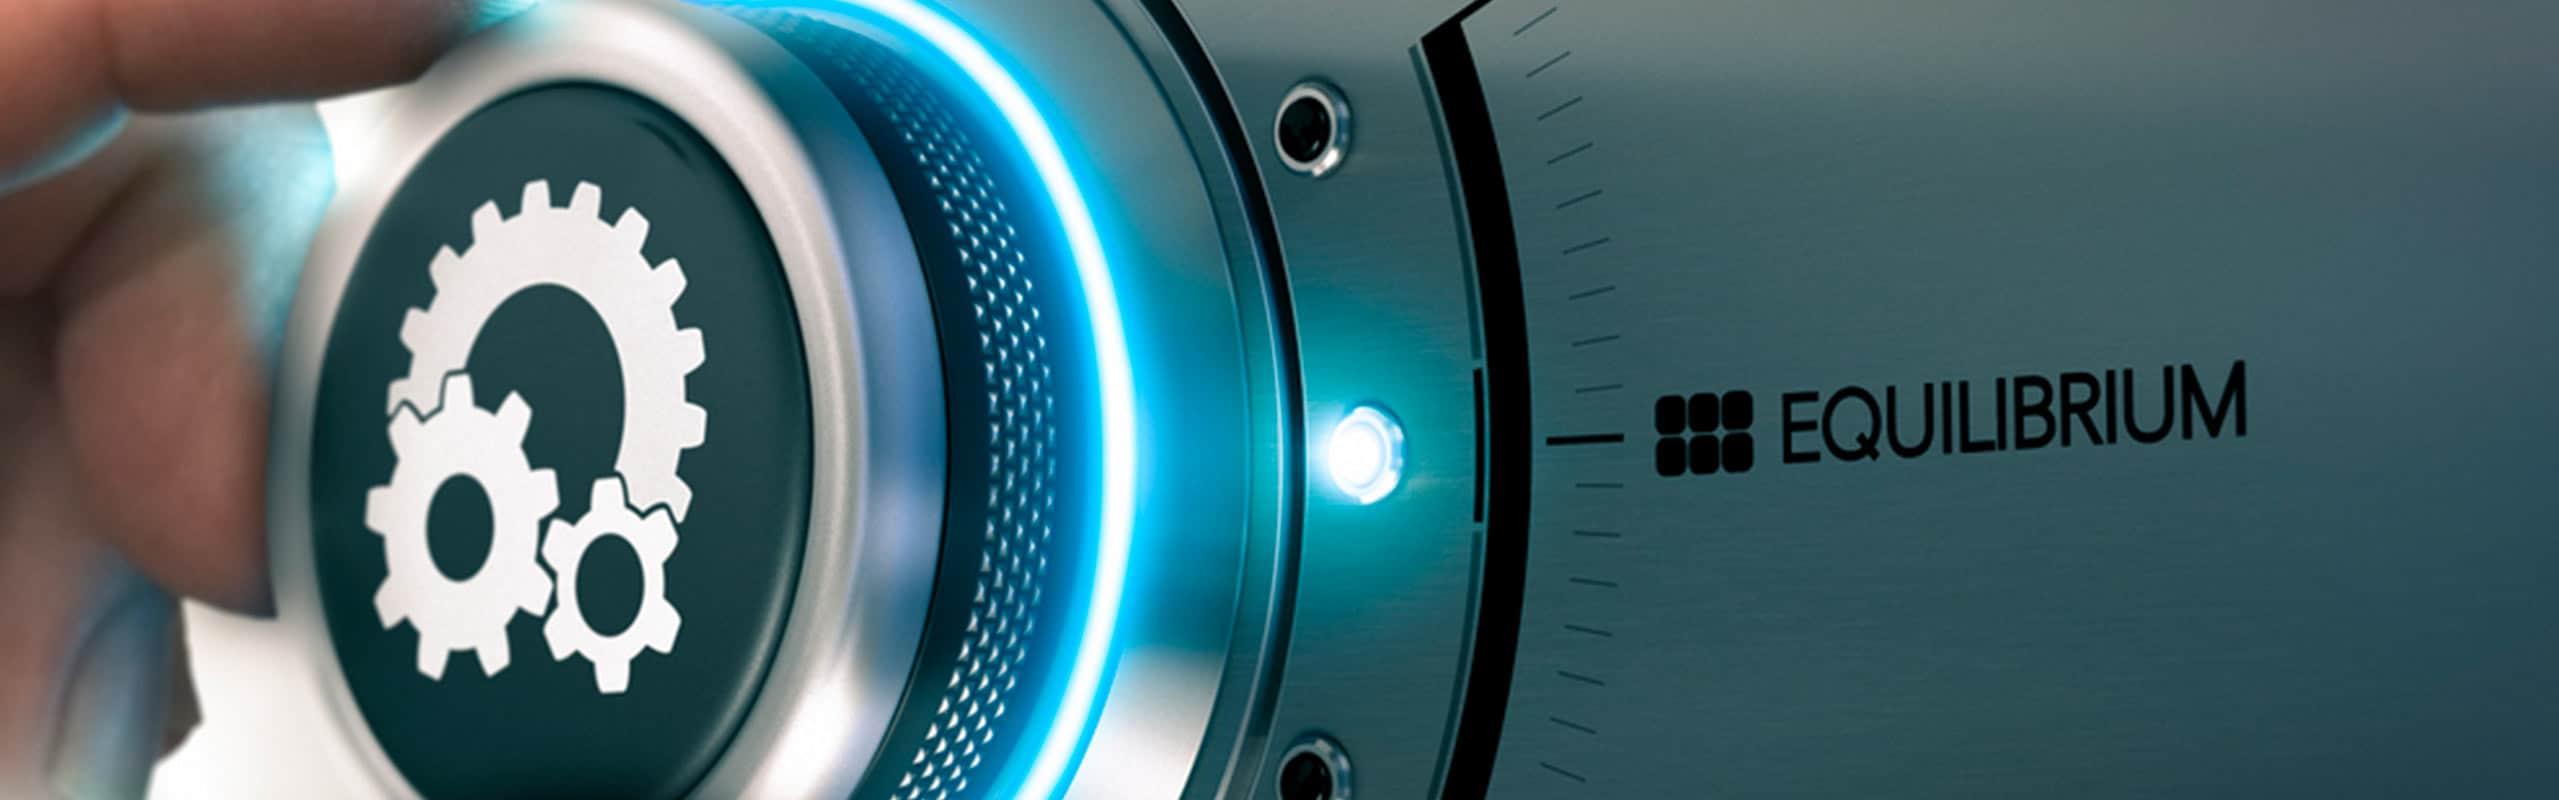 Descubre los beneficios del Lean Manufacturing en la cadena de suminstro